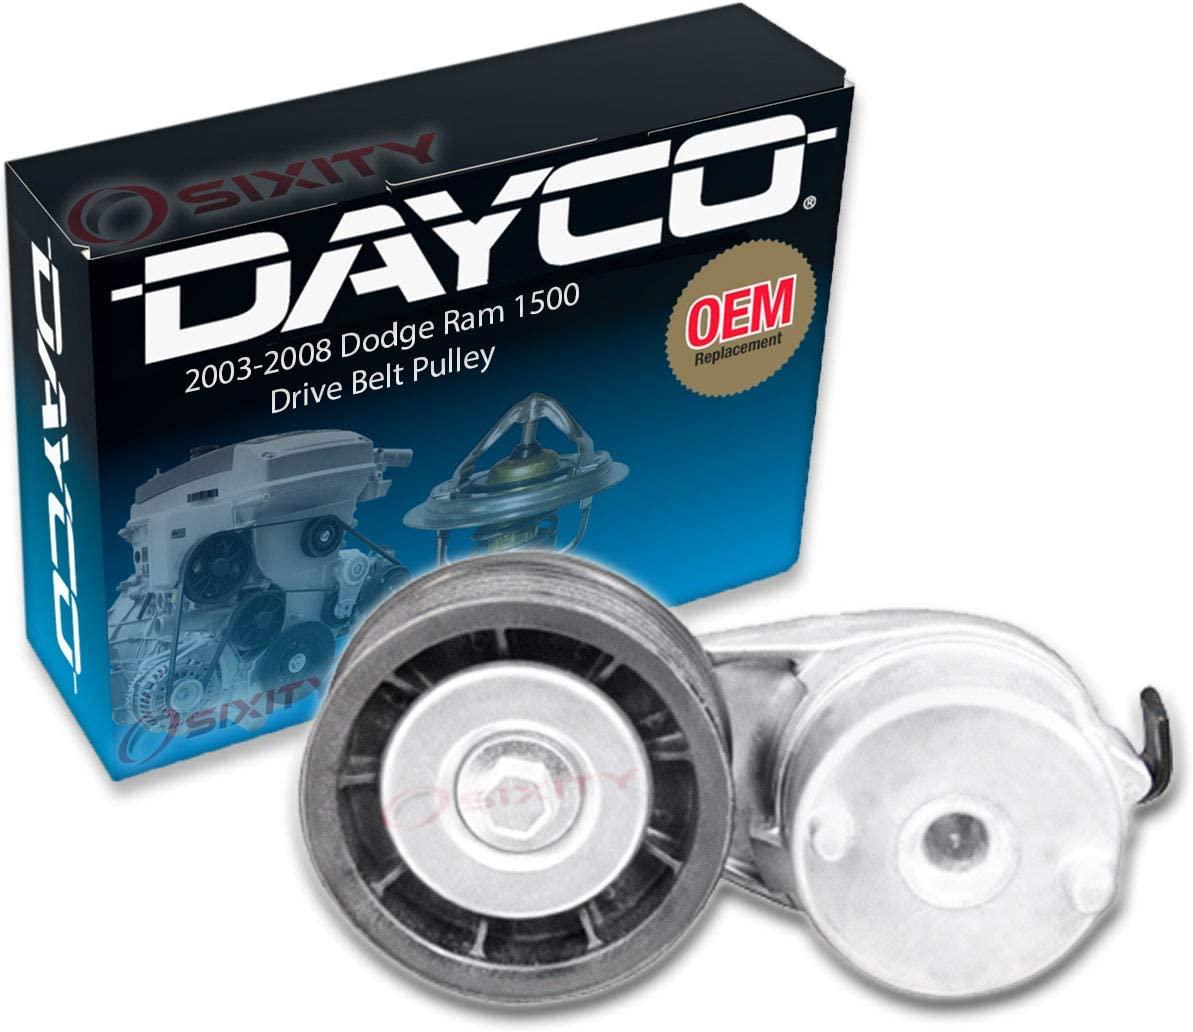 Dayco Drive Belt Pulley for 2003-2008 Dodge Ram 1500 5.7L V8 - Tensioner Alternator Pump Accessory System